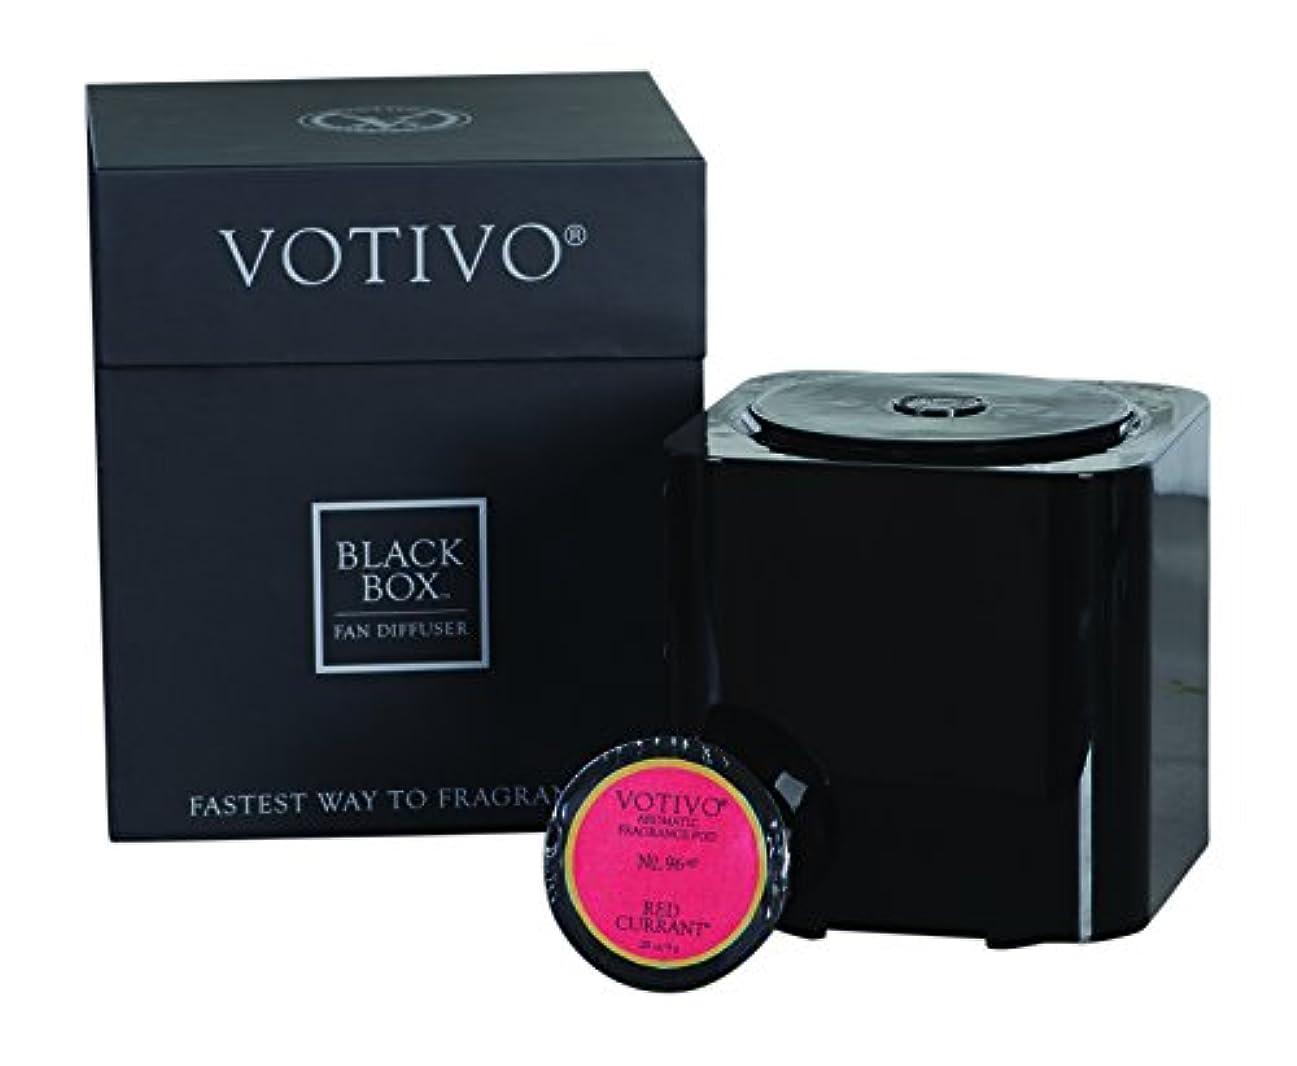 概してアルコール最愛のVOTIVO アロマティック ブラックボックス ファンディフュザ